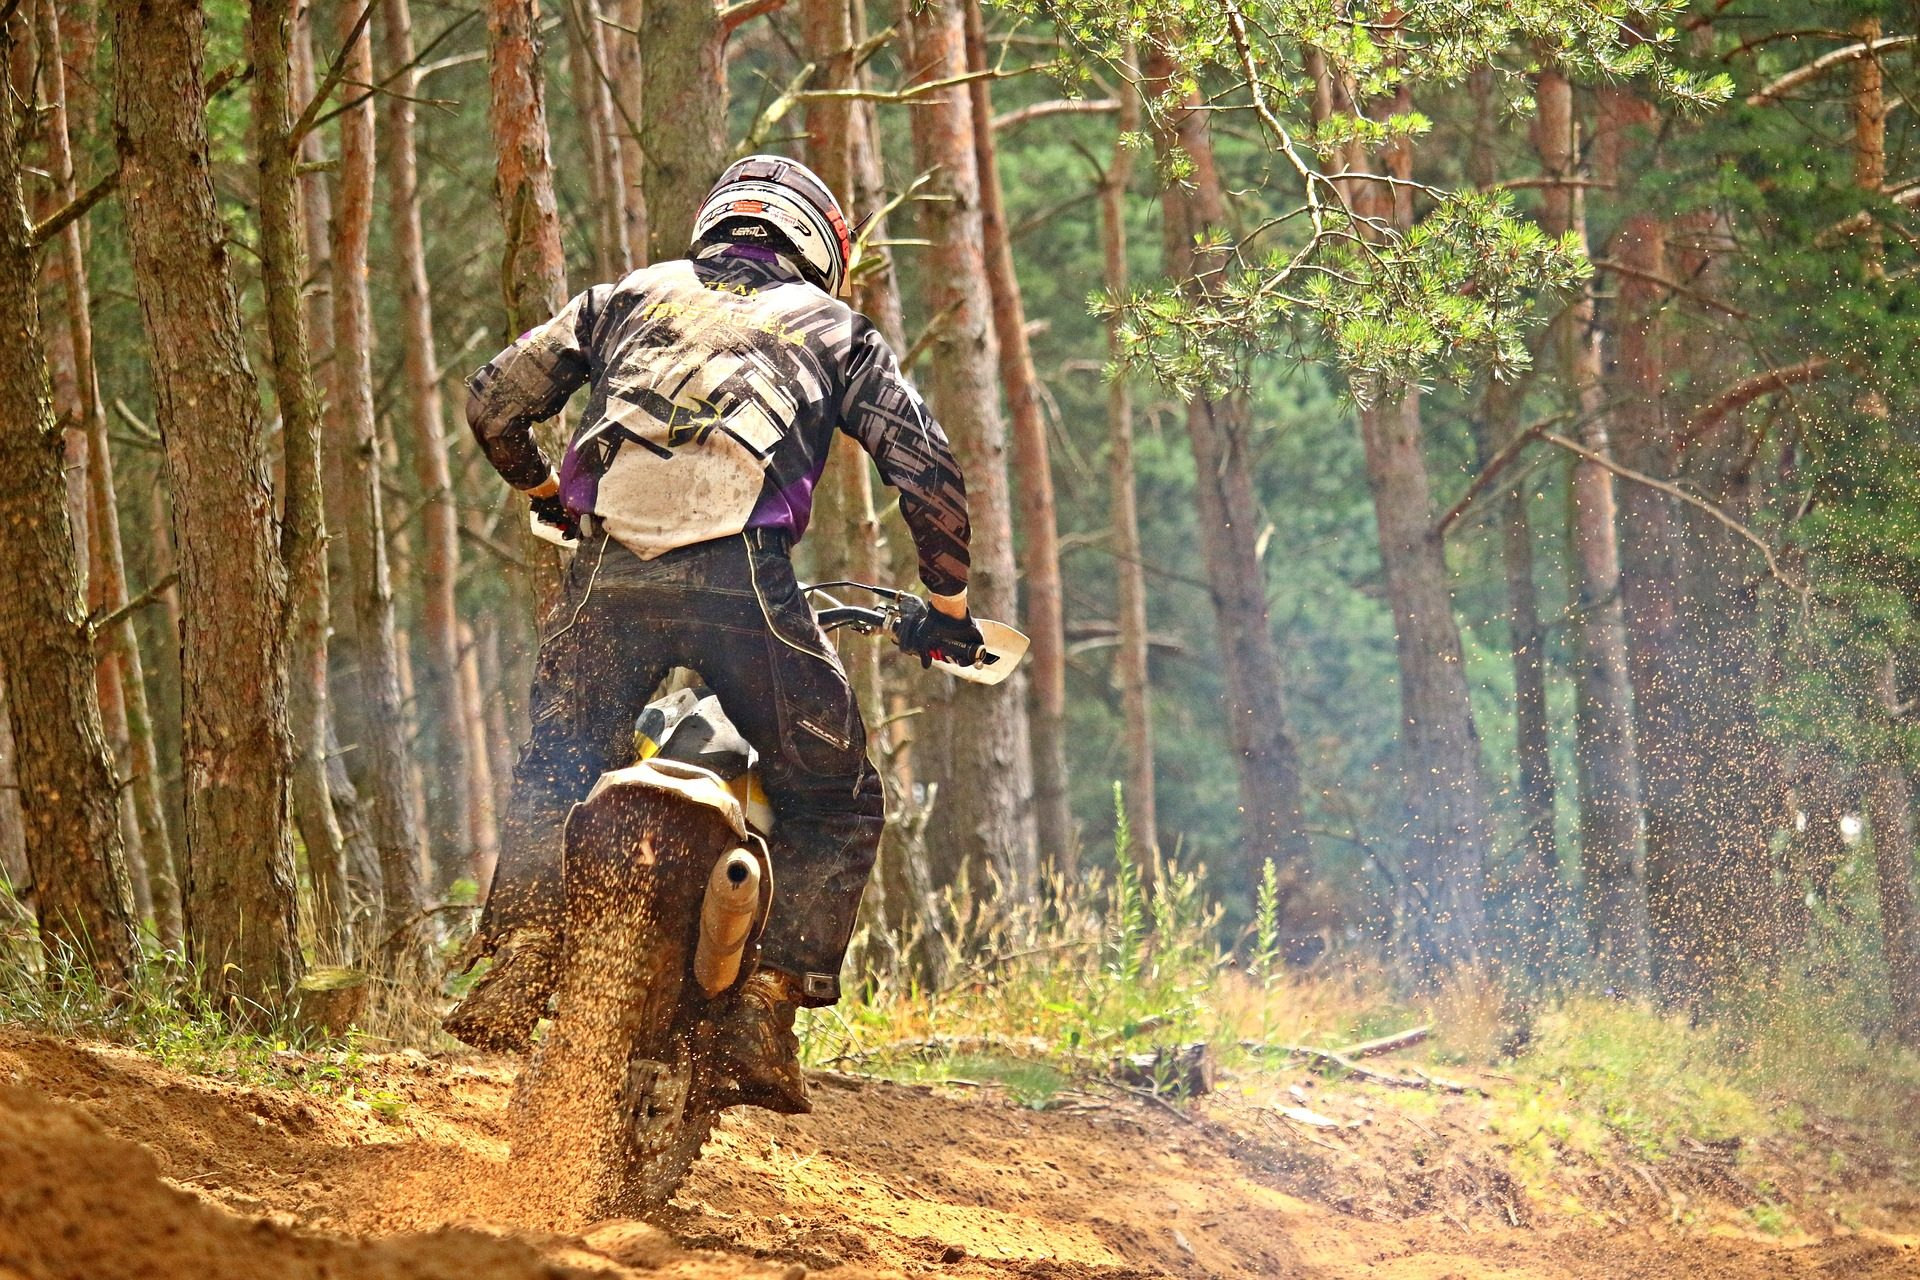 دراجة نارية, برنامج التشغيل, موتو, الطين, الغابات, المسار, السرعة, المخاطر - خلفيات عالية الدقة - أستاذ falken.com